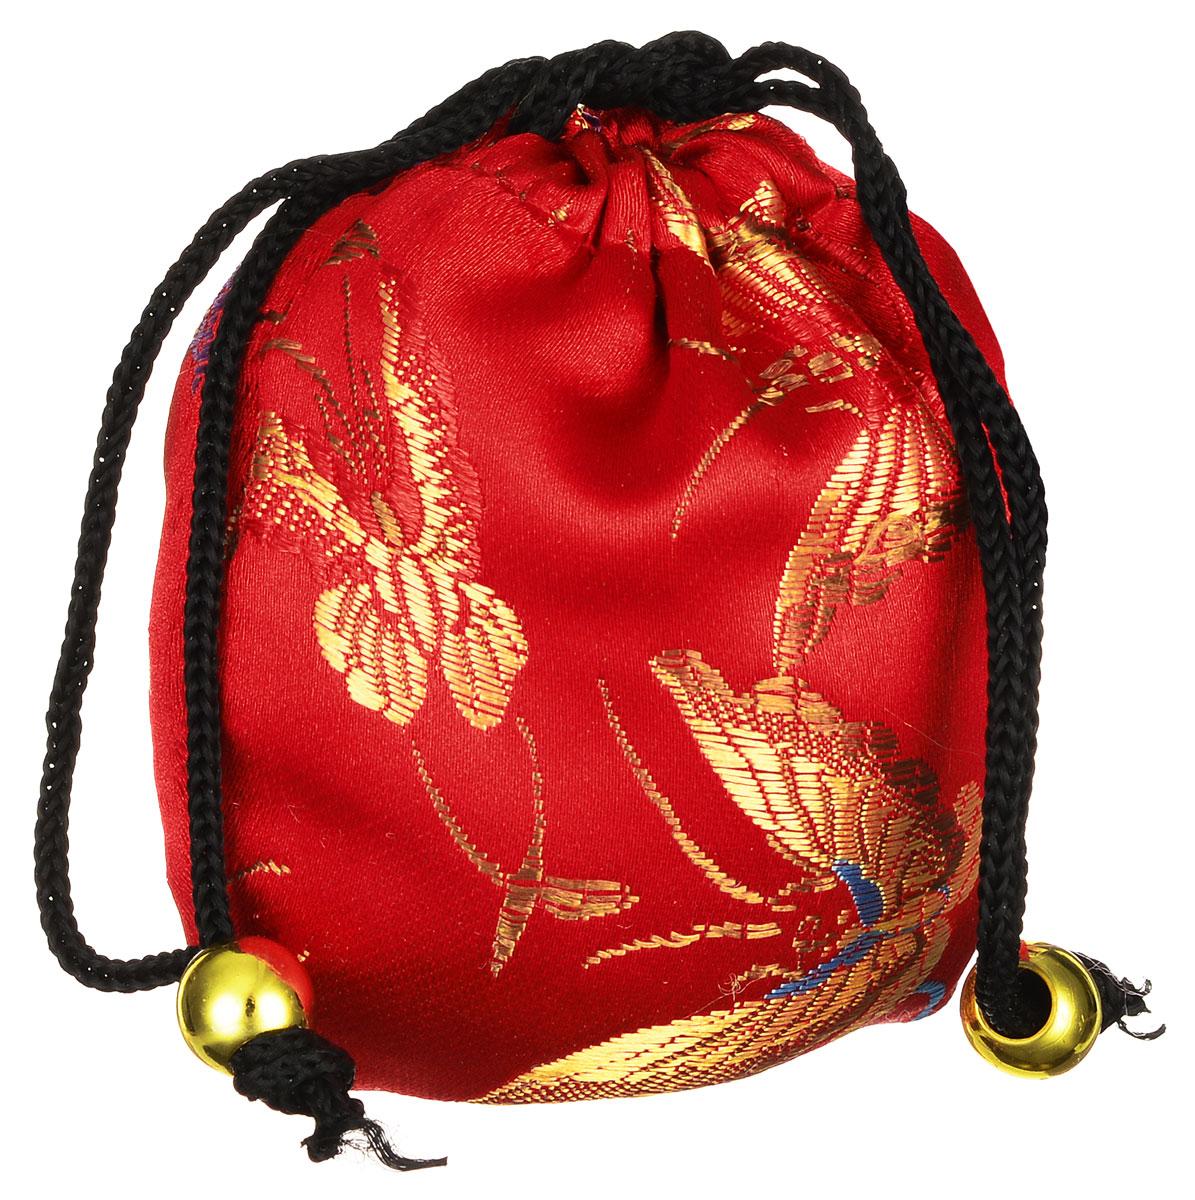 Masura Шелковый мешочек Ацуи для горячего и холодного массажа, цвет: красныйSC-FM20104Шелковый мешочек Masura Ацуи применяется для холодного и горячего массажа рук и ароматерапии при проведении процедуры Японский маникюр. Изделие, оформленное оригинальной вышивкой, затягивается на кулиску с декоративными бусинами. Наполнен мешочек морской солью, сухоцветами и аромамаслами.Материал мешочка:текстиль, пластик.Размер наполненного мешочка: 6,5 см х 6,5 см х 5 см.Товар сертифицирован.